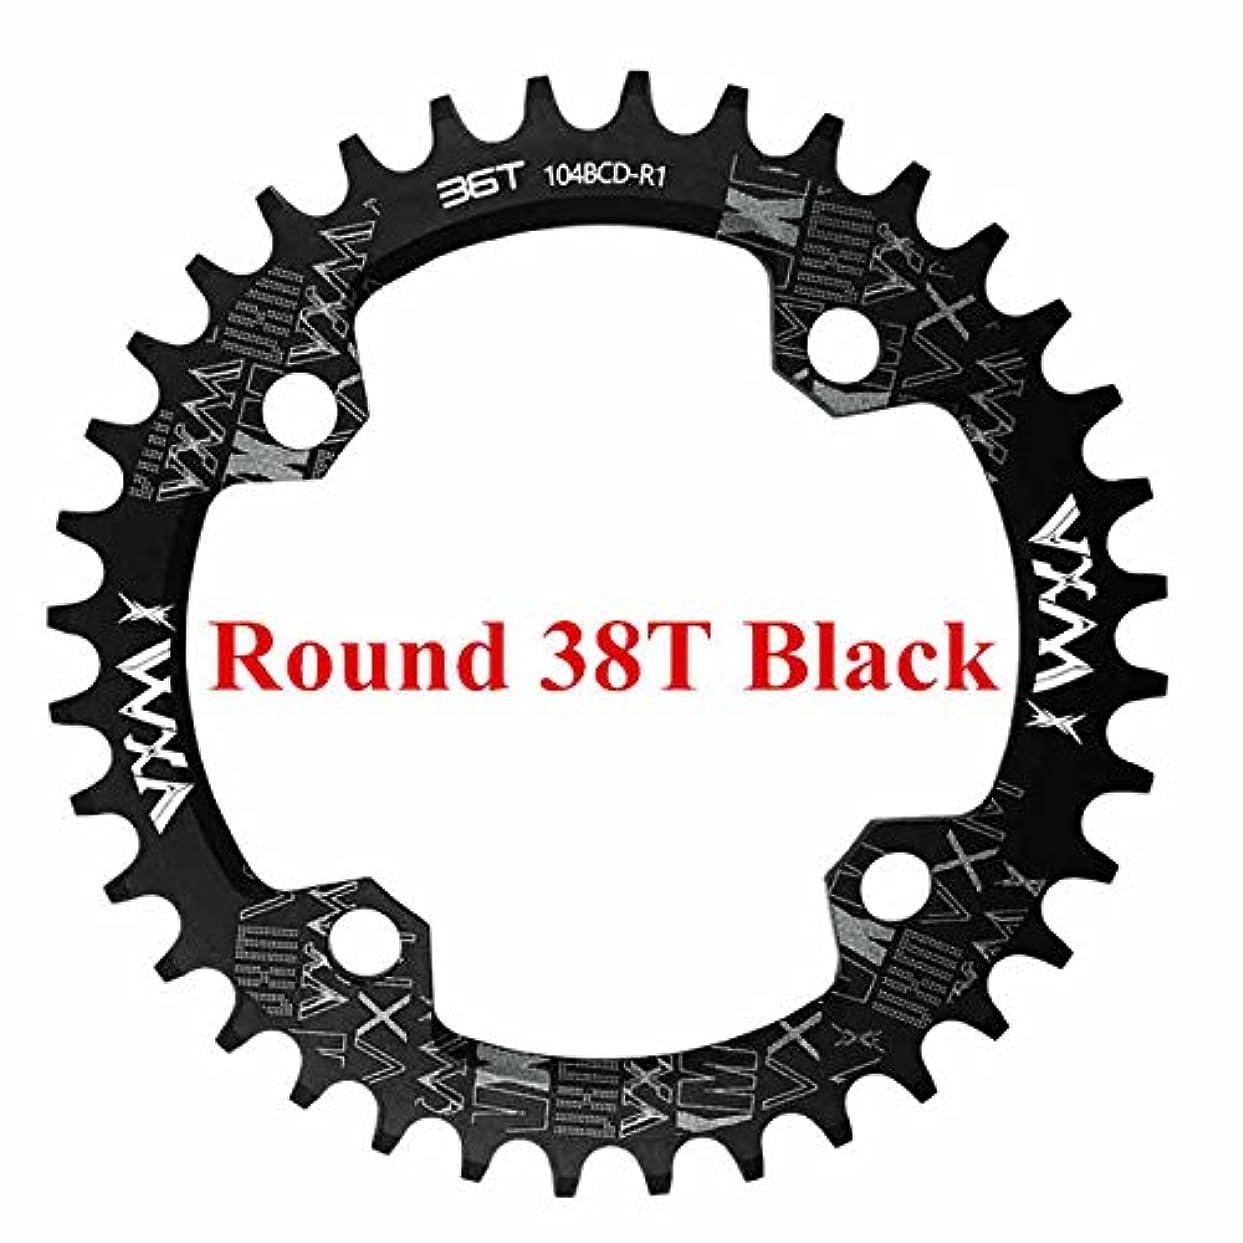 パプアニューギニア付録スケジュールPropenary - 自転車104BCDクランクオーバルラウンド30T 32T 34T 36T 38T 40T 42T 44T 46T 48T 50T 52TチェーンホイールXT狭い広い自転車チェーンリング[ラウンド38Tブラック]